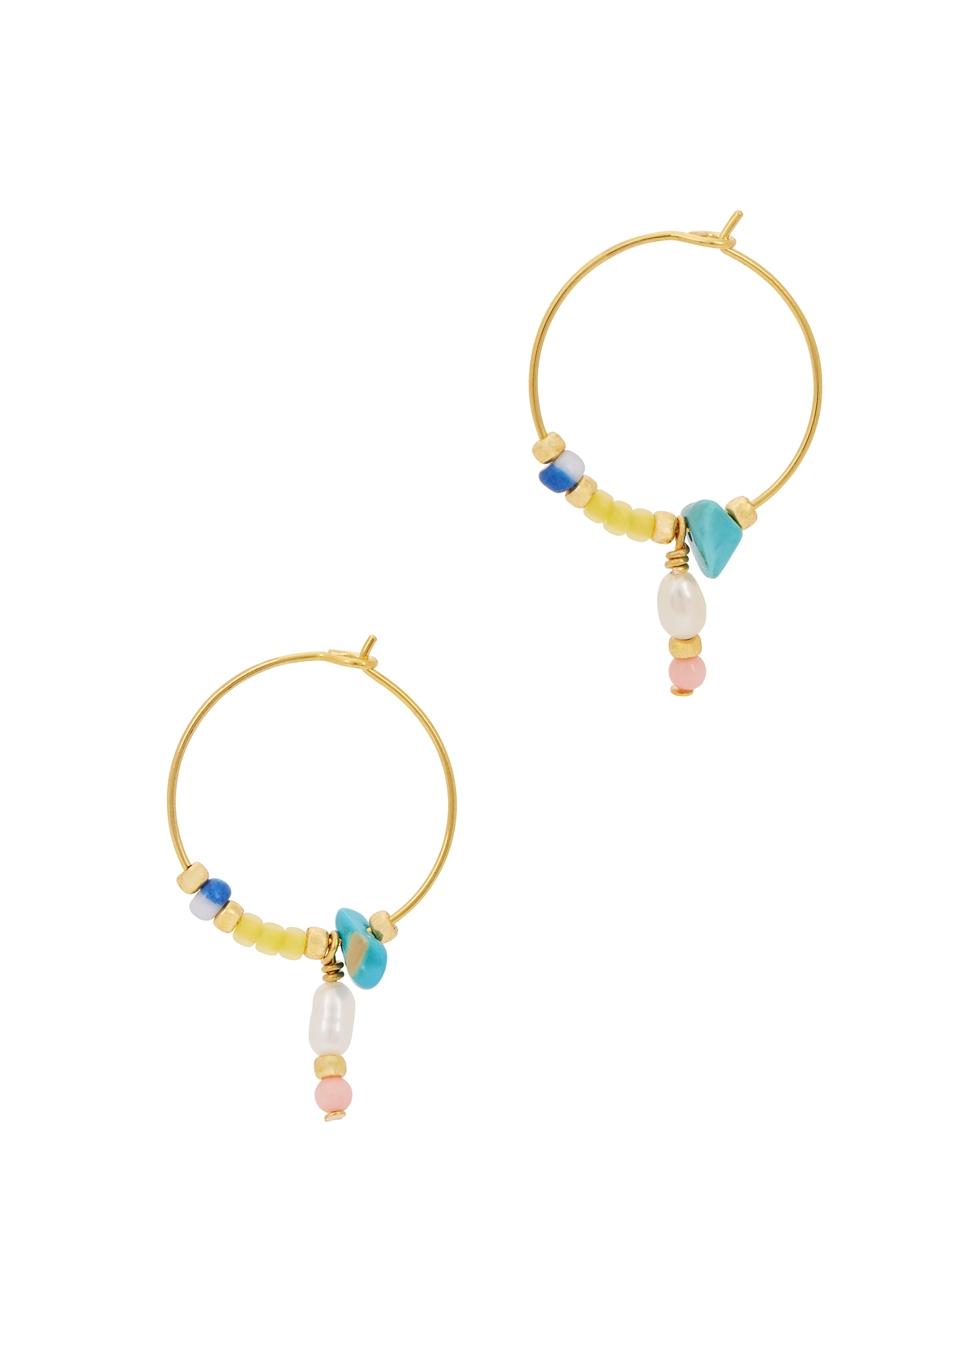 Hanalei 18kt gold-plated hoop earrings - ANNI LU